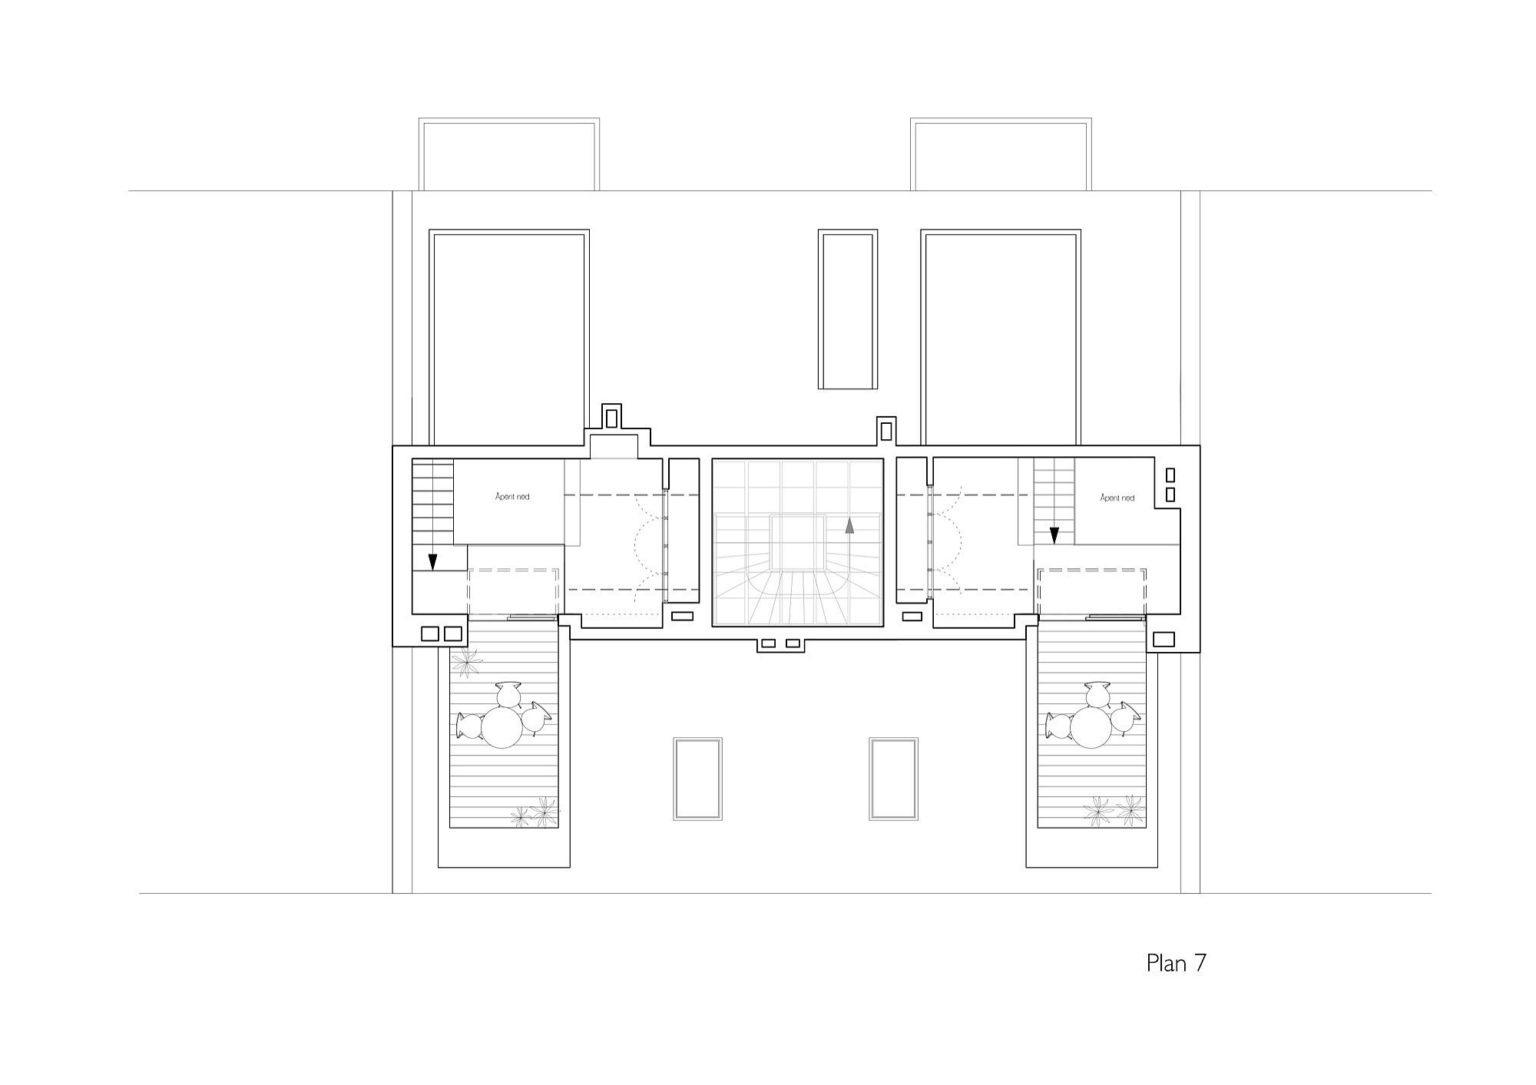 Biến hóa gác xép cũ thành căn hộ hiện đại, xinh xắn đầy ánh sáng tự nhiên - Ảnh 11